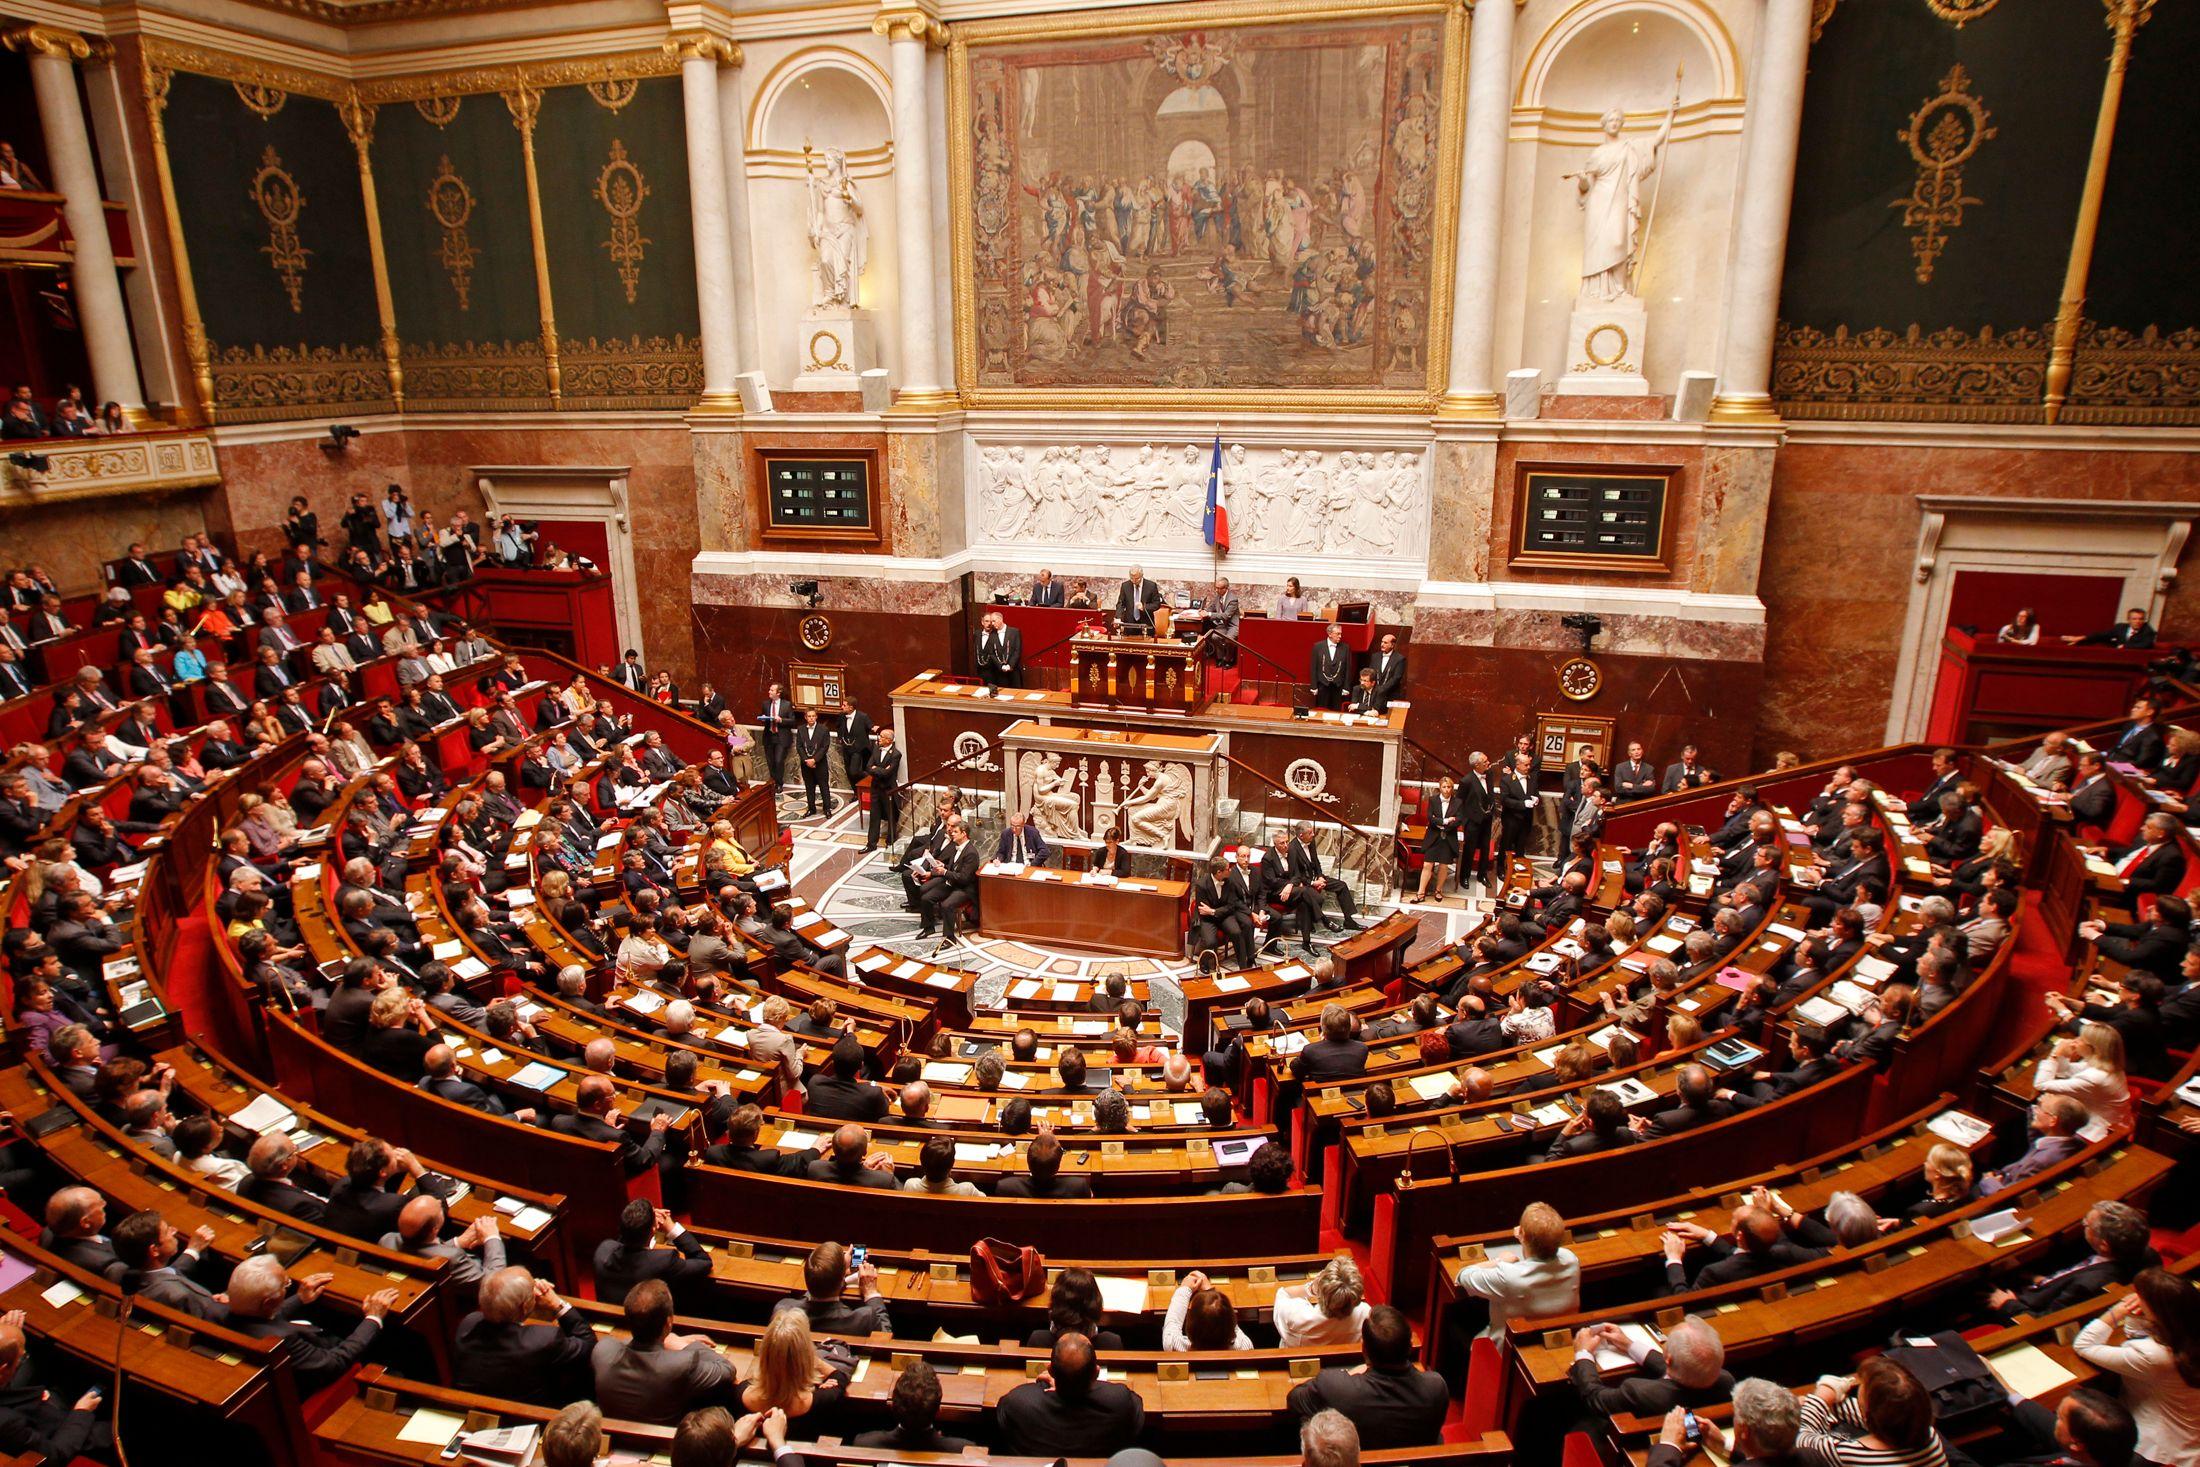 Assemblée nationale : bientôt des stages en entreprise pour les députés?